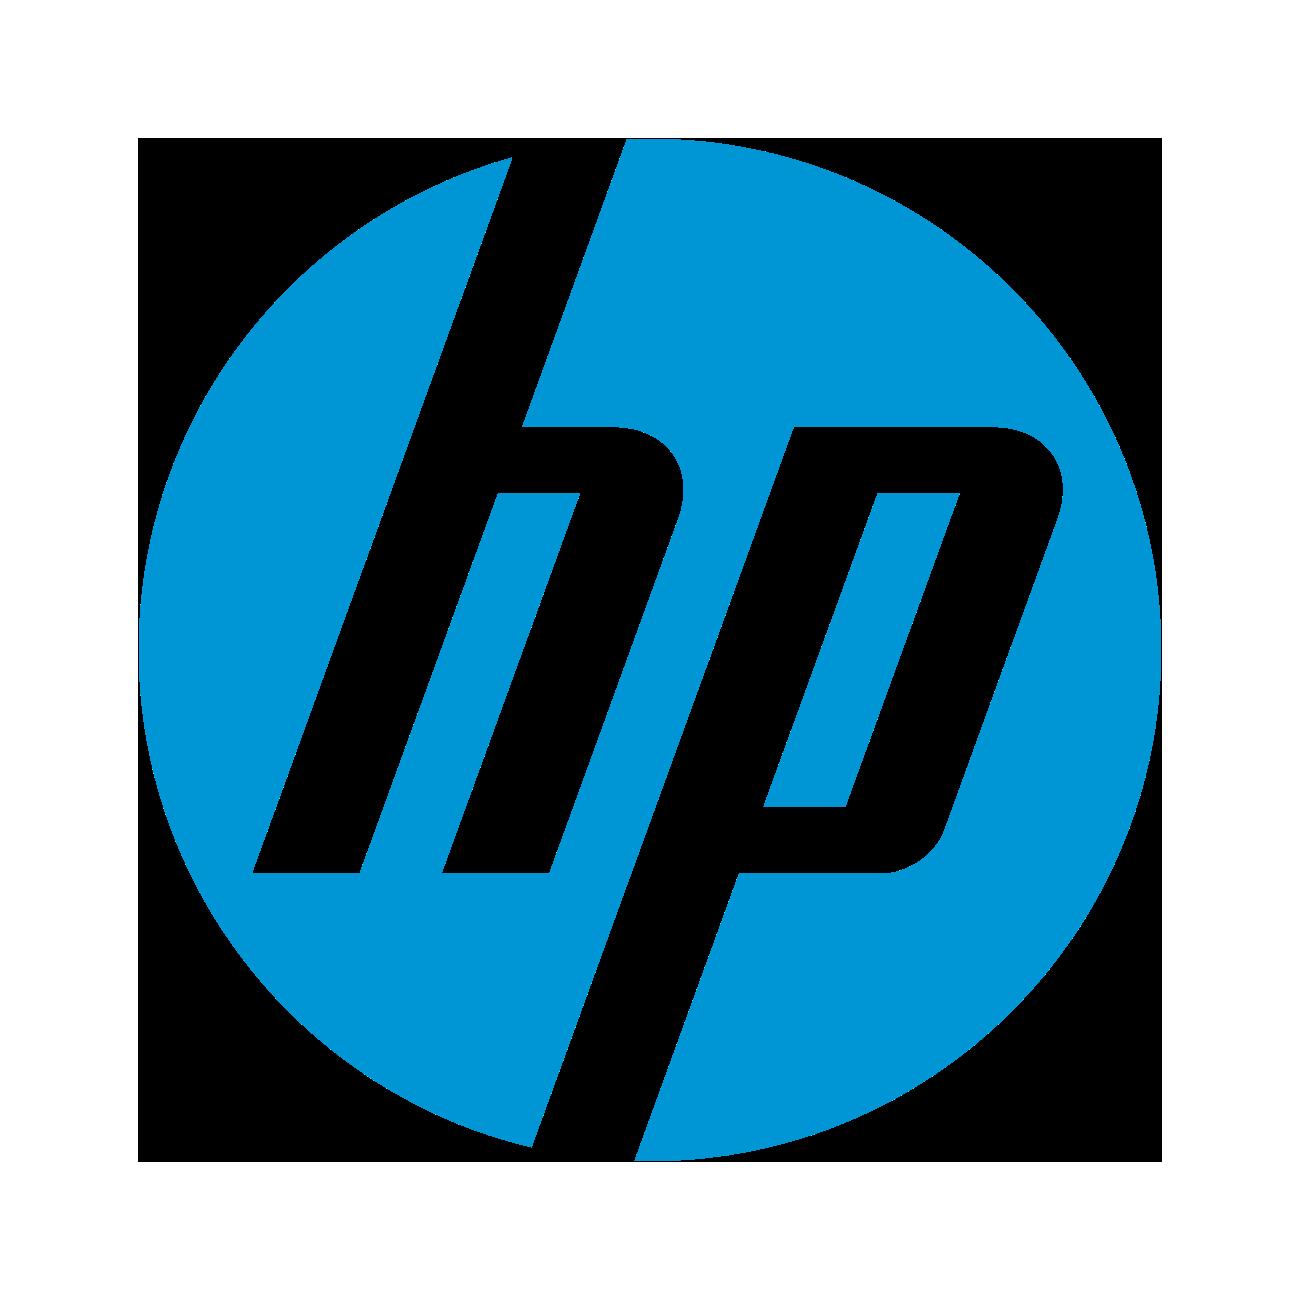 HP RAM Module for Workstation - 8 GB (1 x 8 GB) - DDR4-2933/PC4-23466 DDR4 SDRAM - 2933 MHz